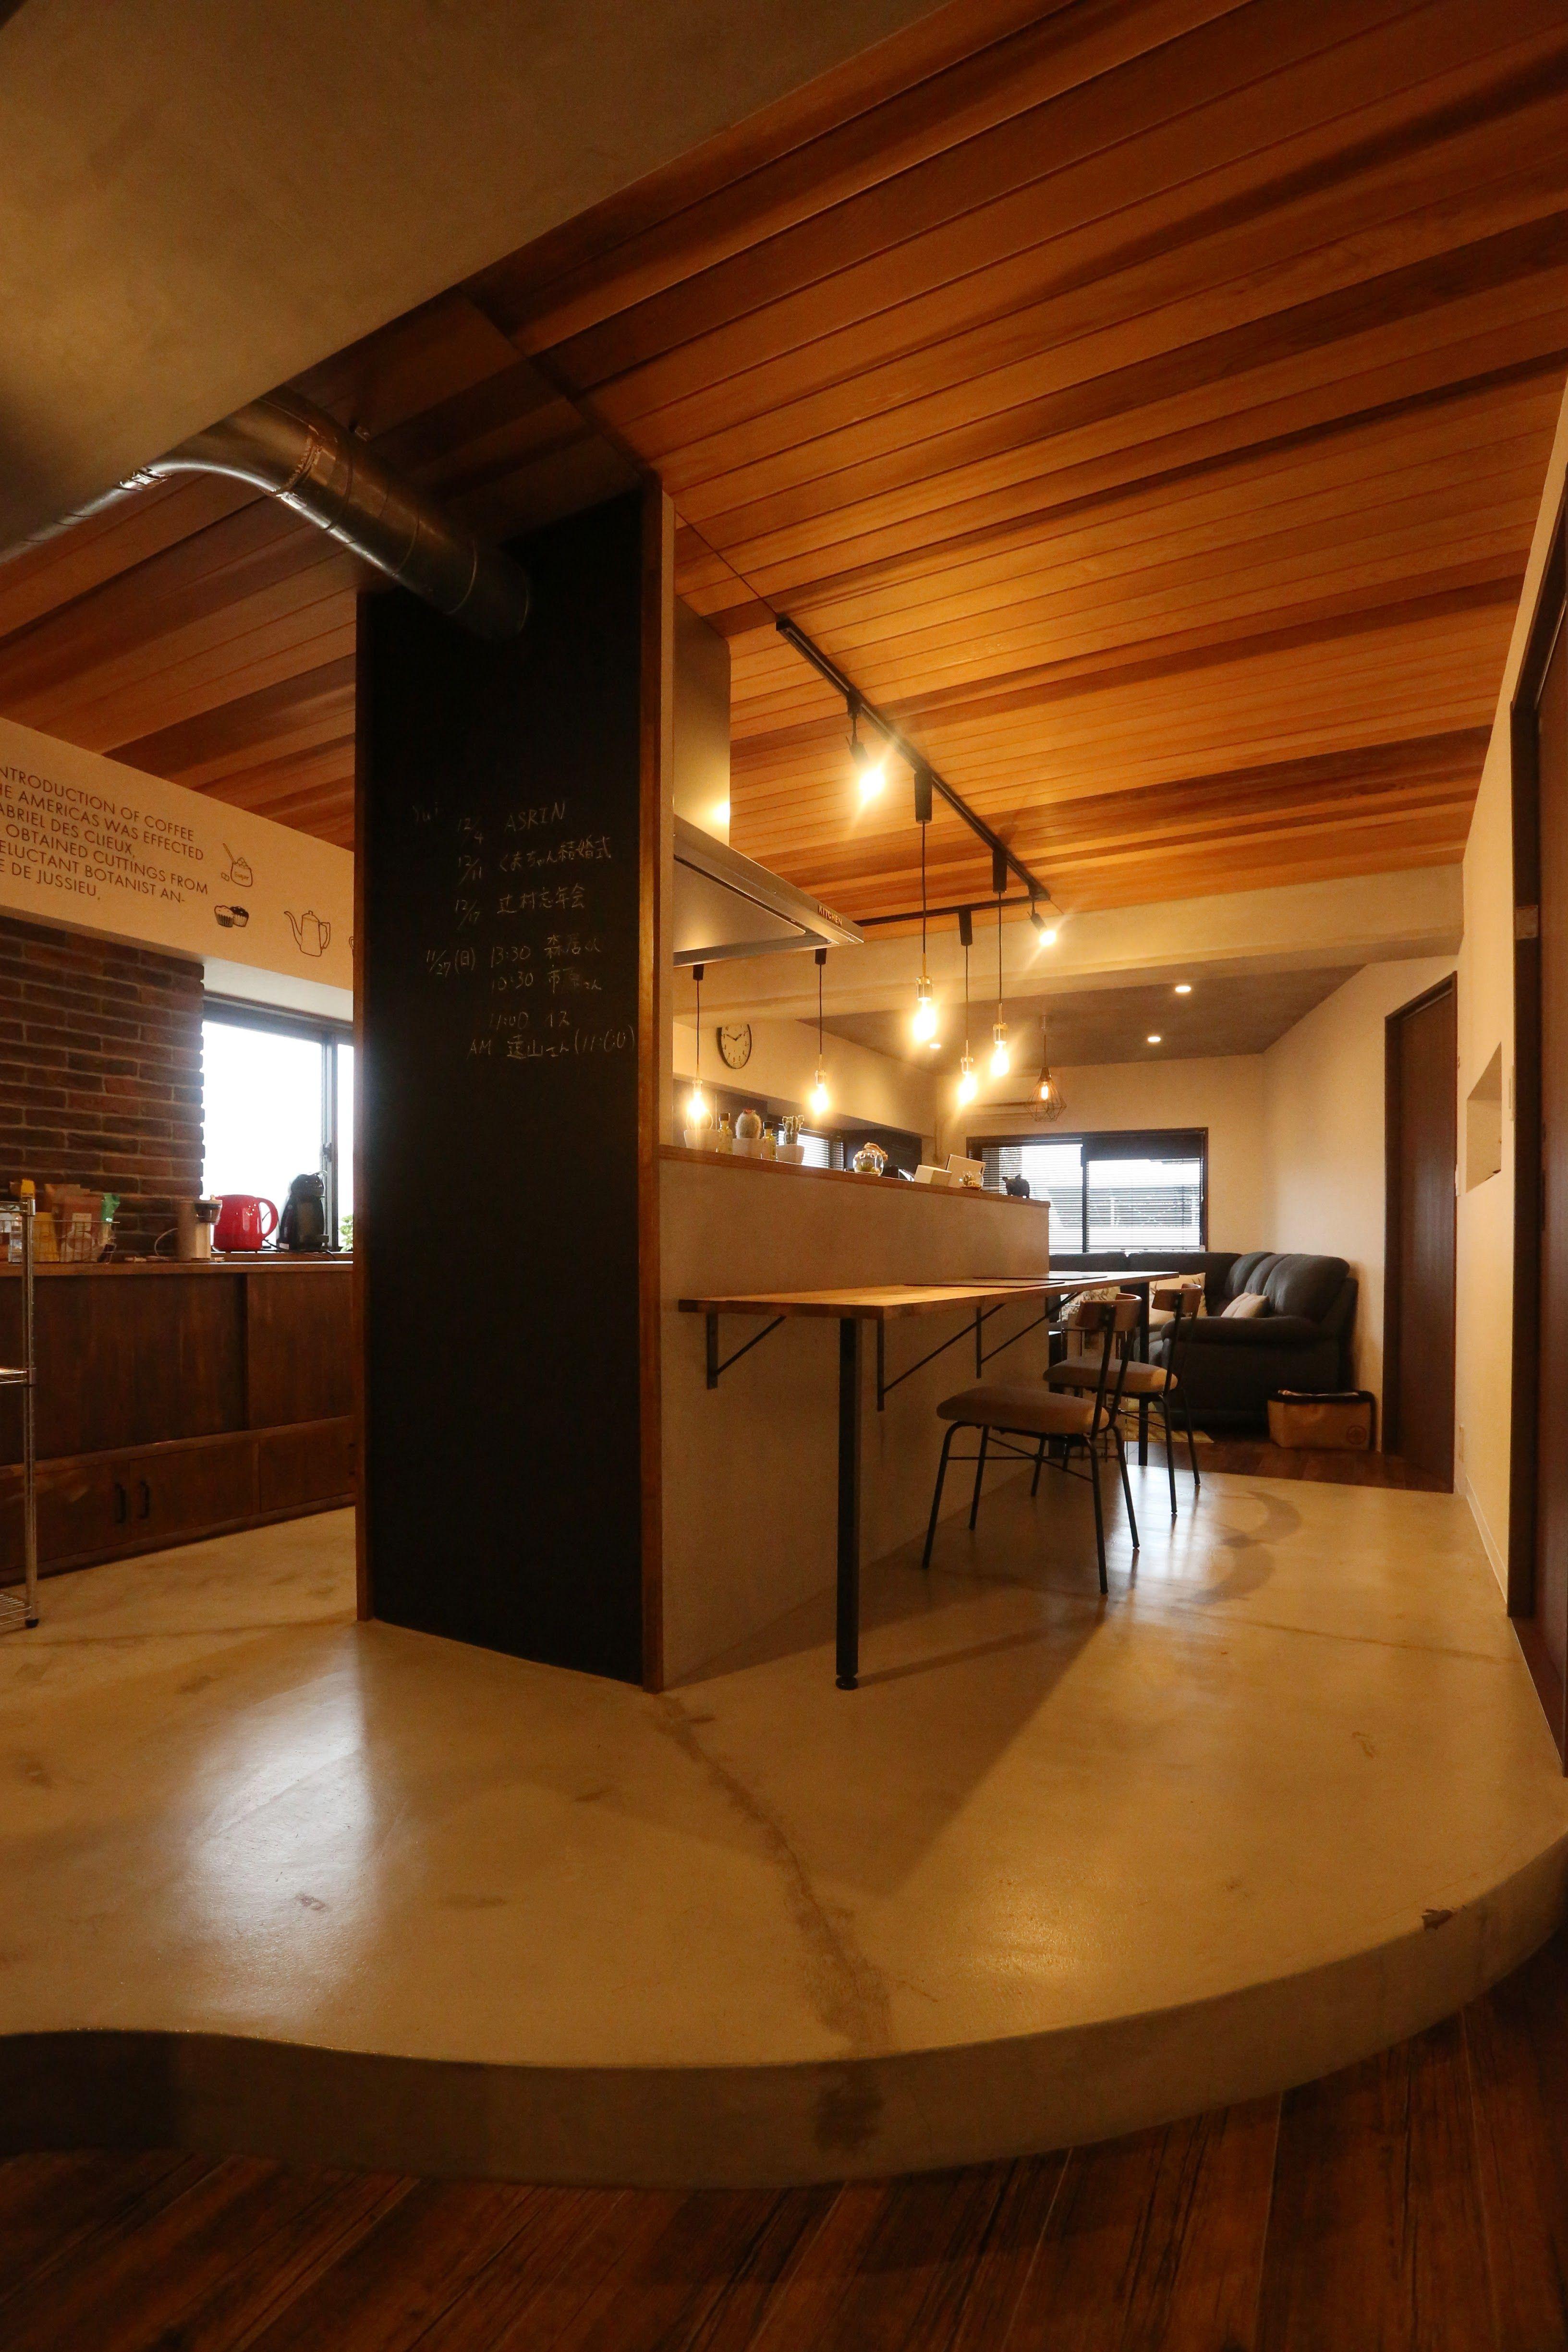 カフェ風カウンターのある暮らし カフェ風 家のデザイン